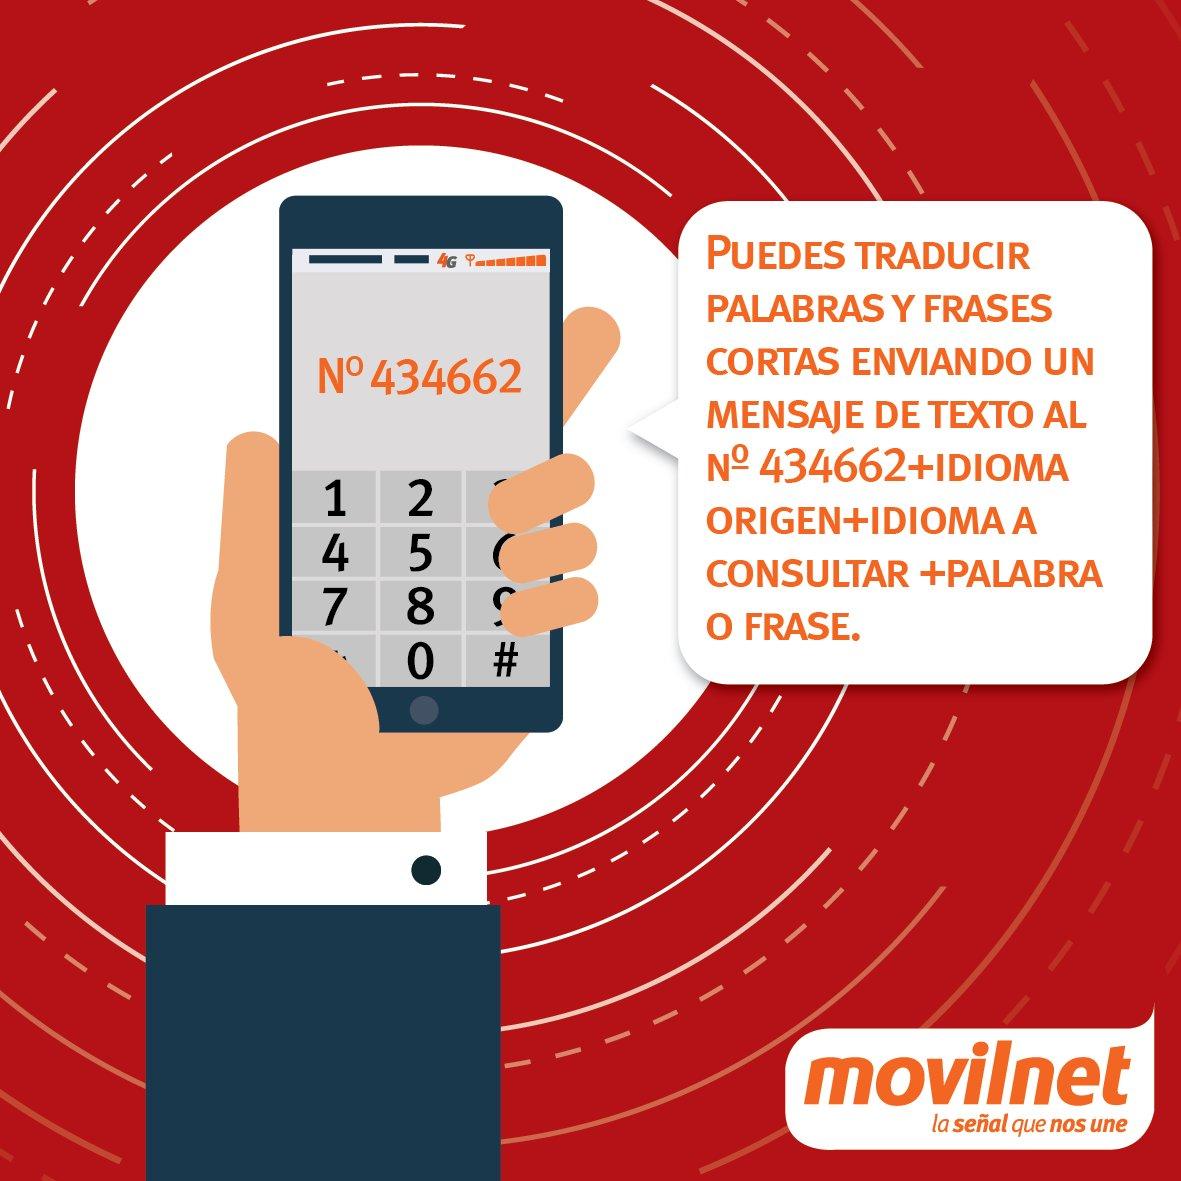 Somos Movilnet On Twitter Puedes Traducir Palabras Y